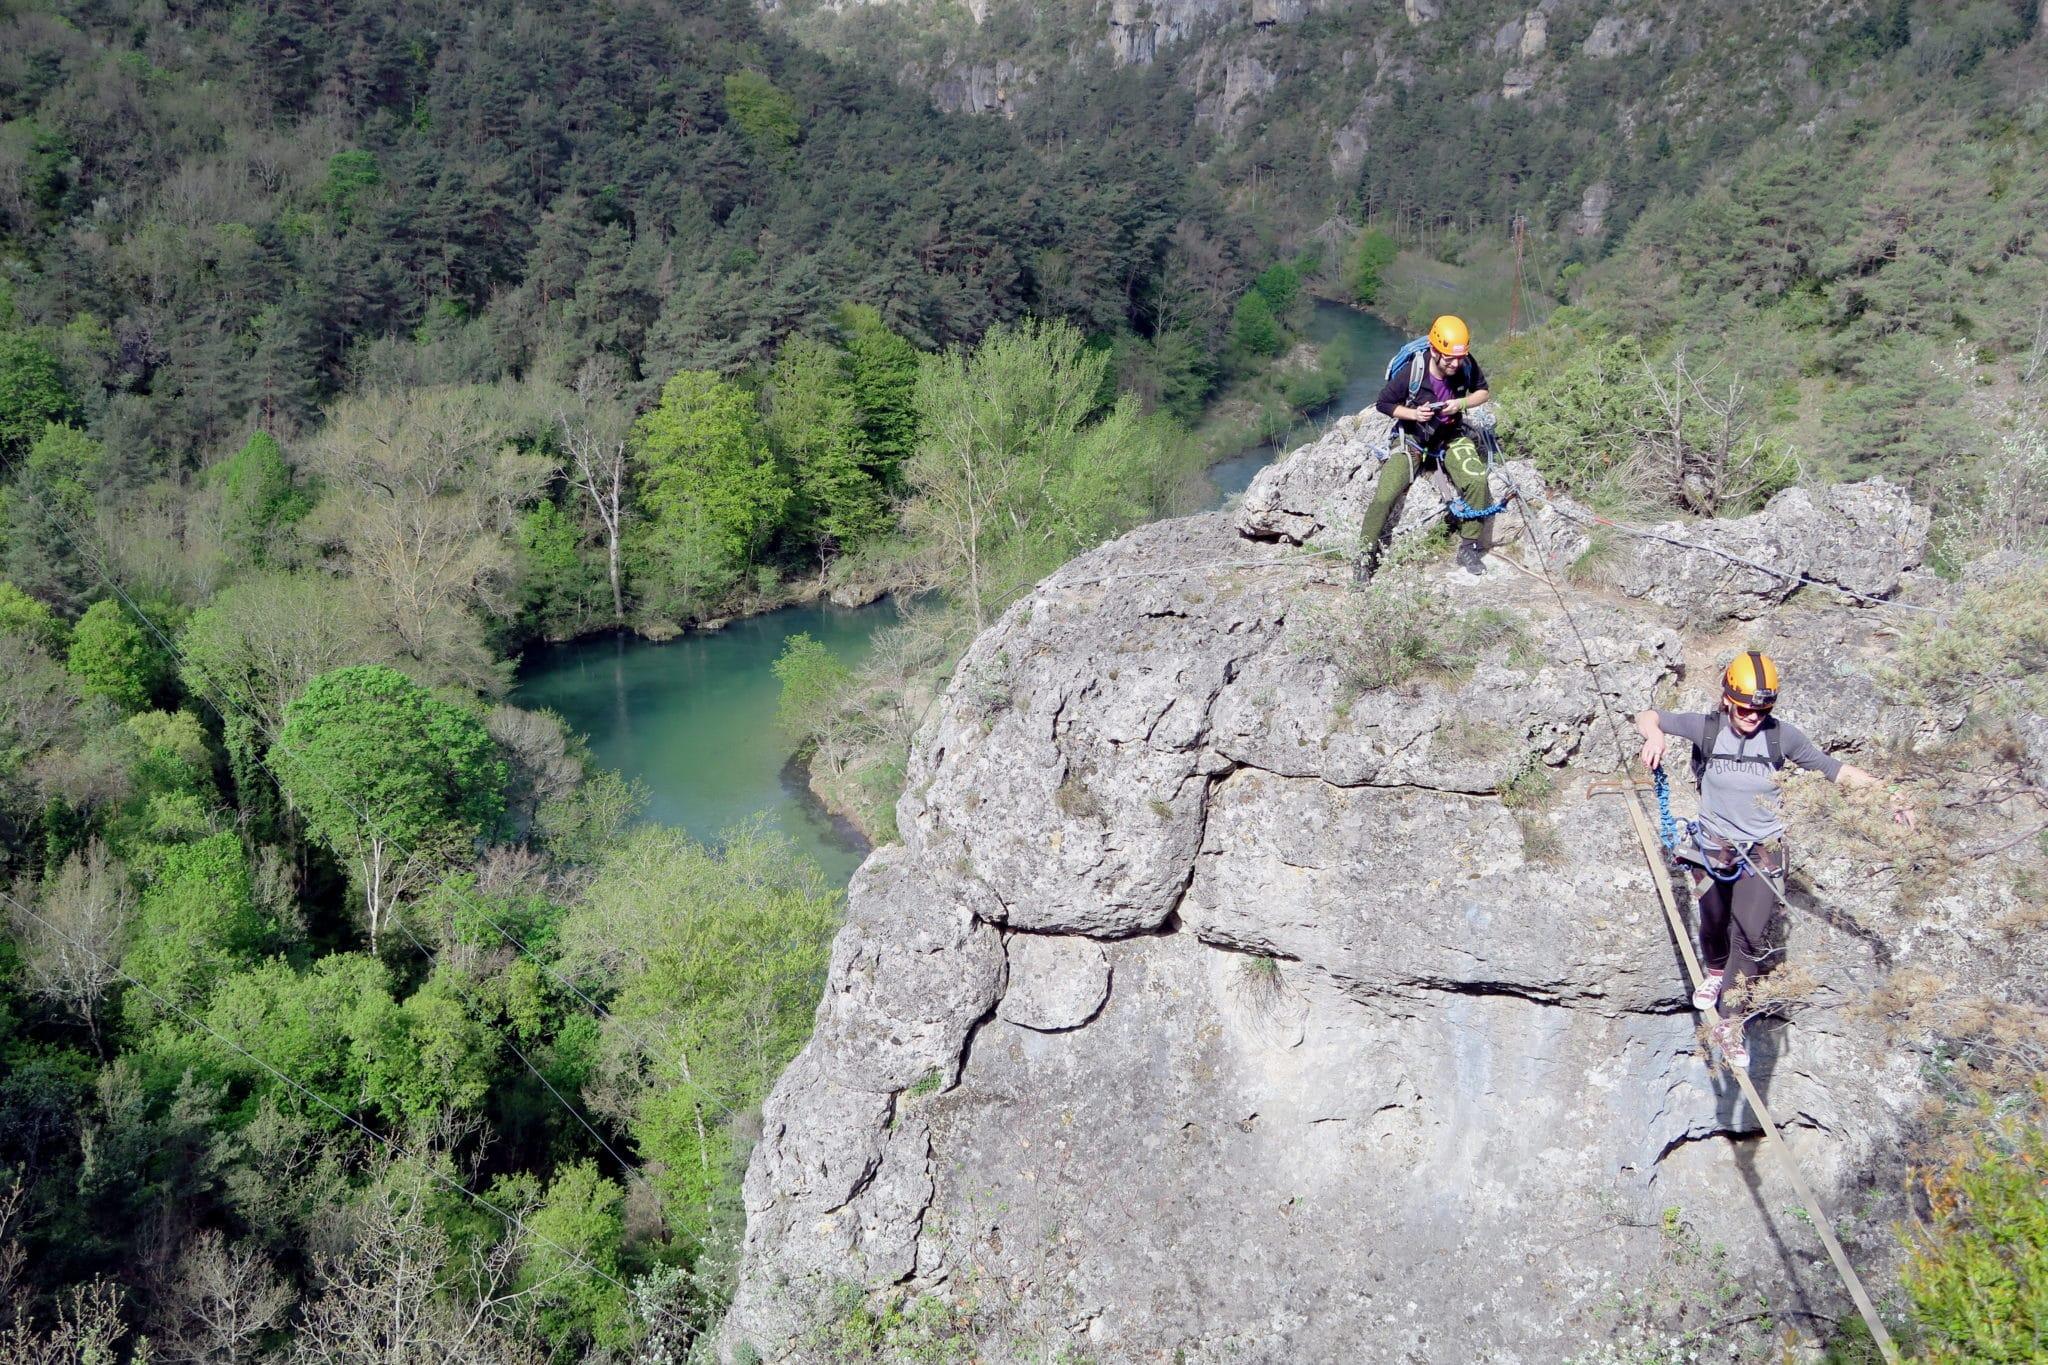 River diving in Gorges du Tarn France